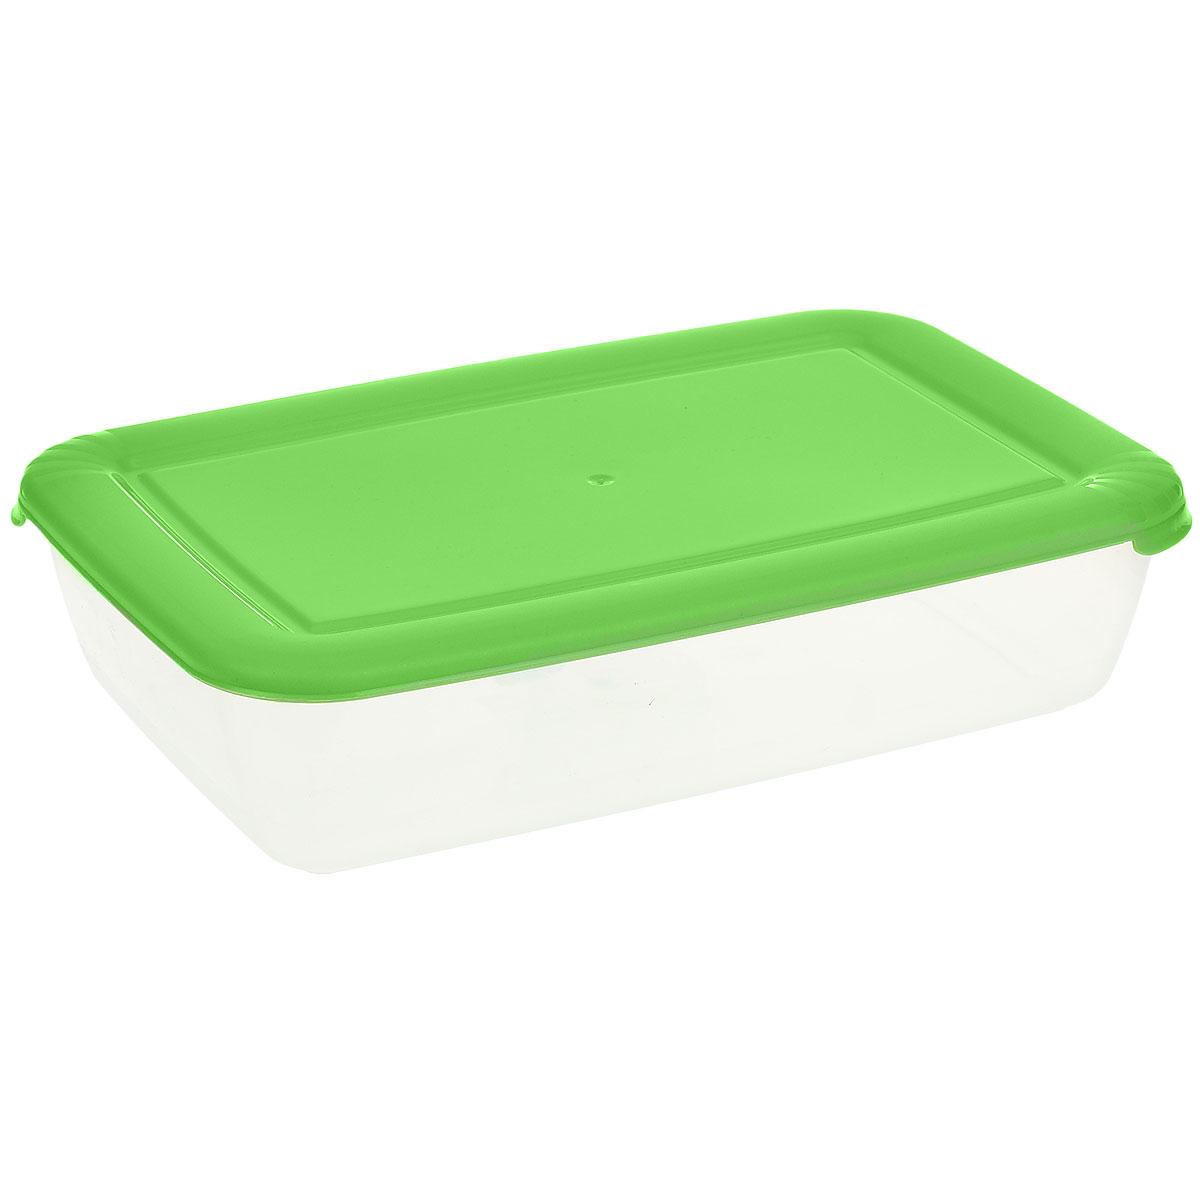 Контейнер Полимербыт Лайт, цвет: прозрачный, салатовый, 1,9 лС553_салатовыйКонтейнер Полимербыт Лайт прямоугольной формы, изготовленный из прочного пластика, предназначен специально для хранения пищевых продуктов. Крышка легко открывается и плотно закрывается.Контейнер устойчив к воздействию масел и жиров, легко моется. Прозрачные стенки позволяют видеть содержимое. Контейнер имеет возможность хранения продуктов глубокой заморозки, обладает высокой прочностью. Можно мыть в посудомоечной машине. Подходит для использования в микроволновых печах.